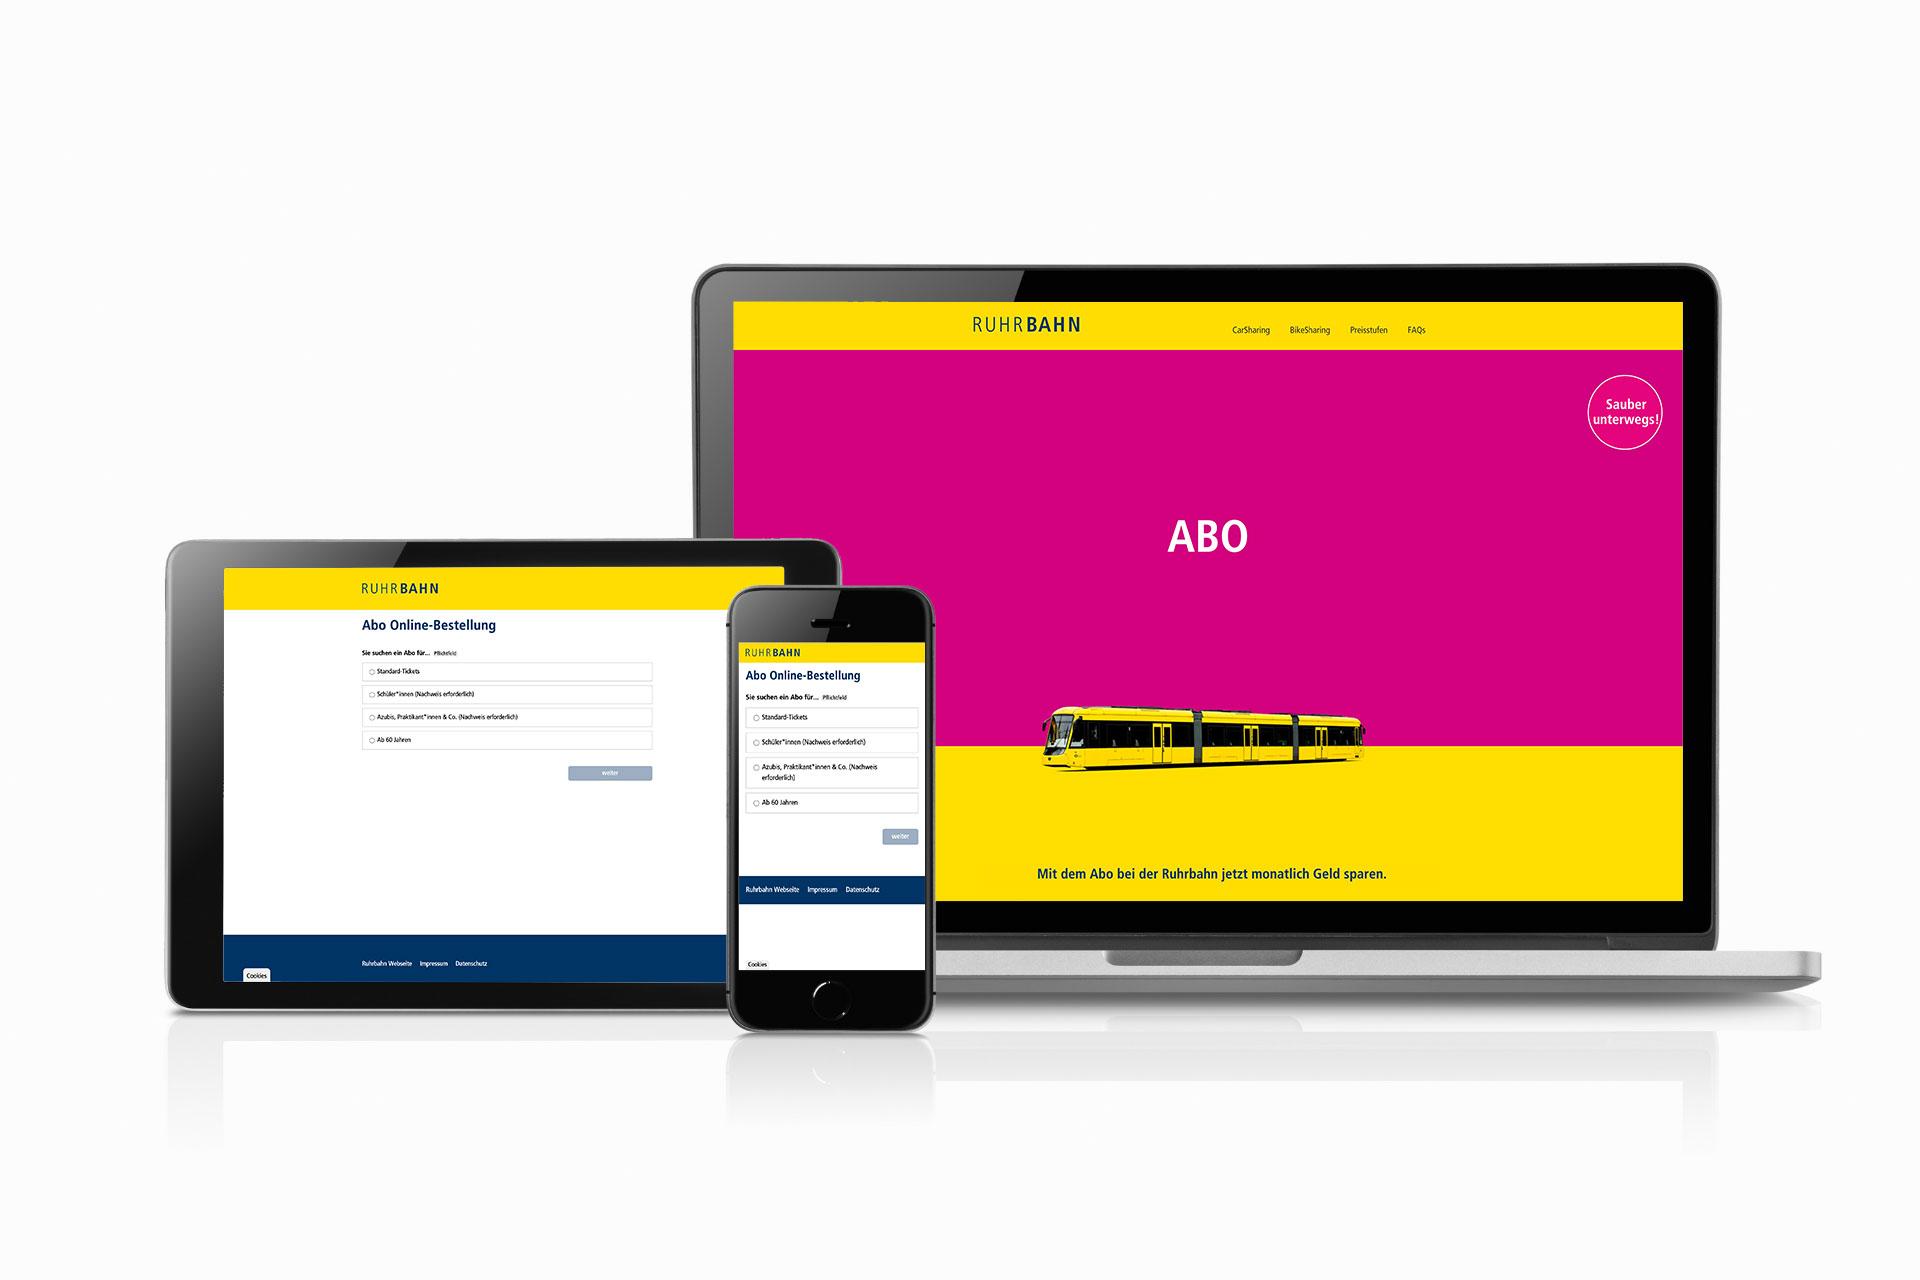 Foto: Geräteübergreifende Anwendung der ABO Online -Bestellung für die Ruhrbhan